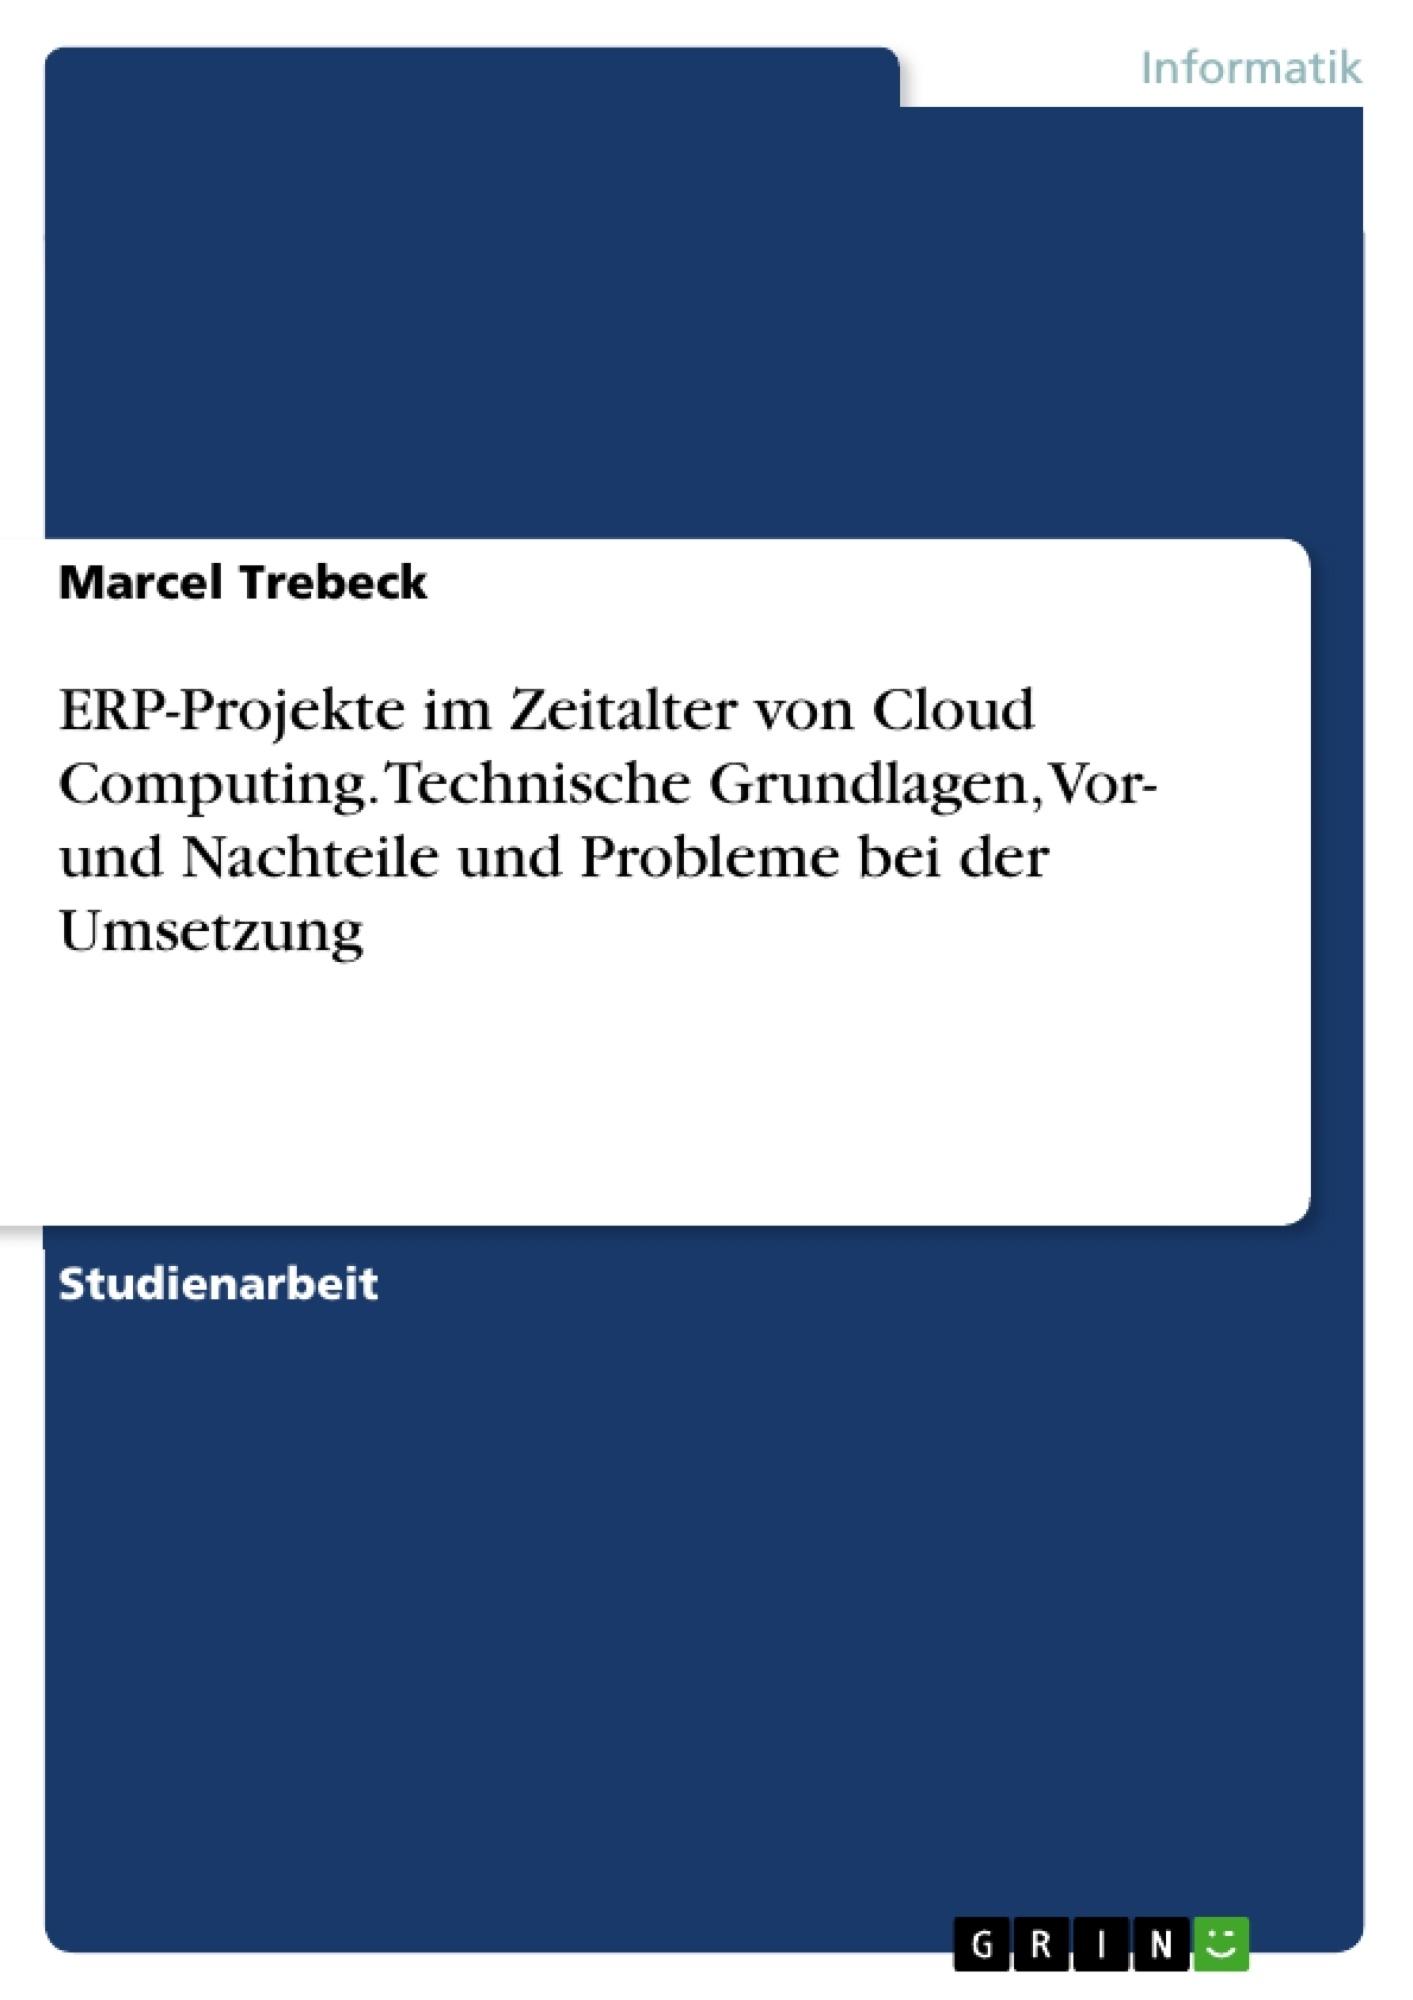 Titel: ERP-Projekte im Zeitalter von Cloud Computing. Technische Grundlagen, Vor- und Nachteile und Probleme bei der Umsetzung